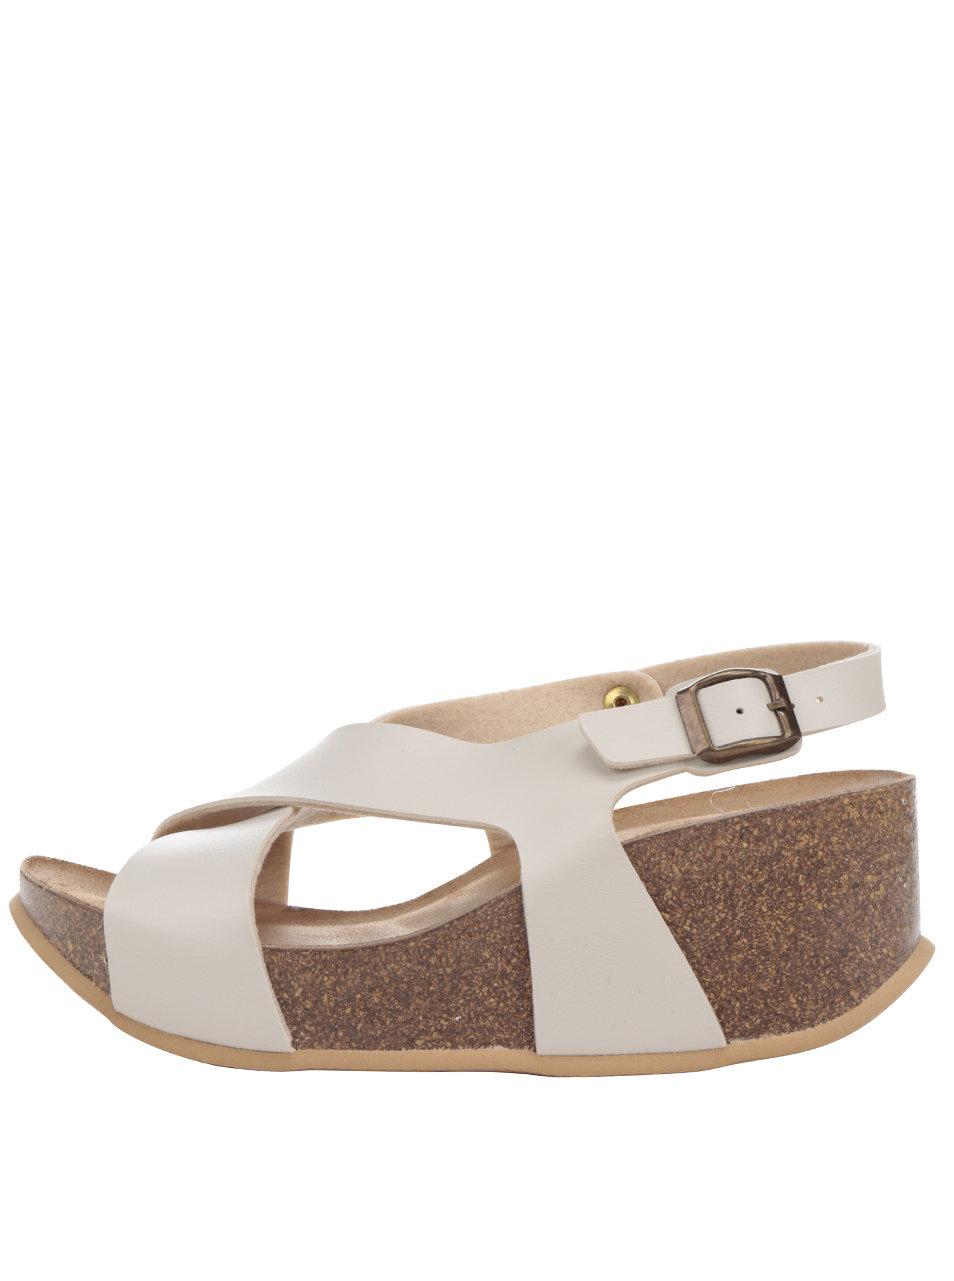 41851b9716cc0 Krémové dámske sandále na korkovej platforme OJJU   ZOOT.sk